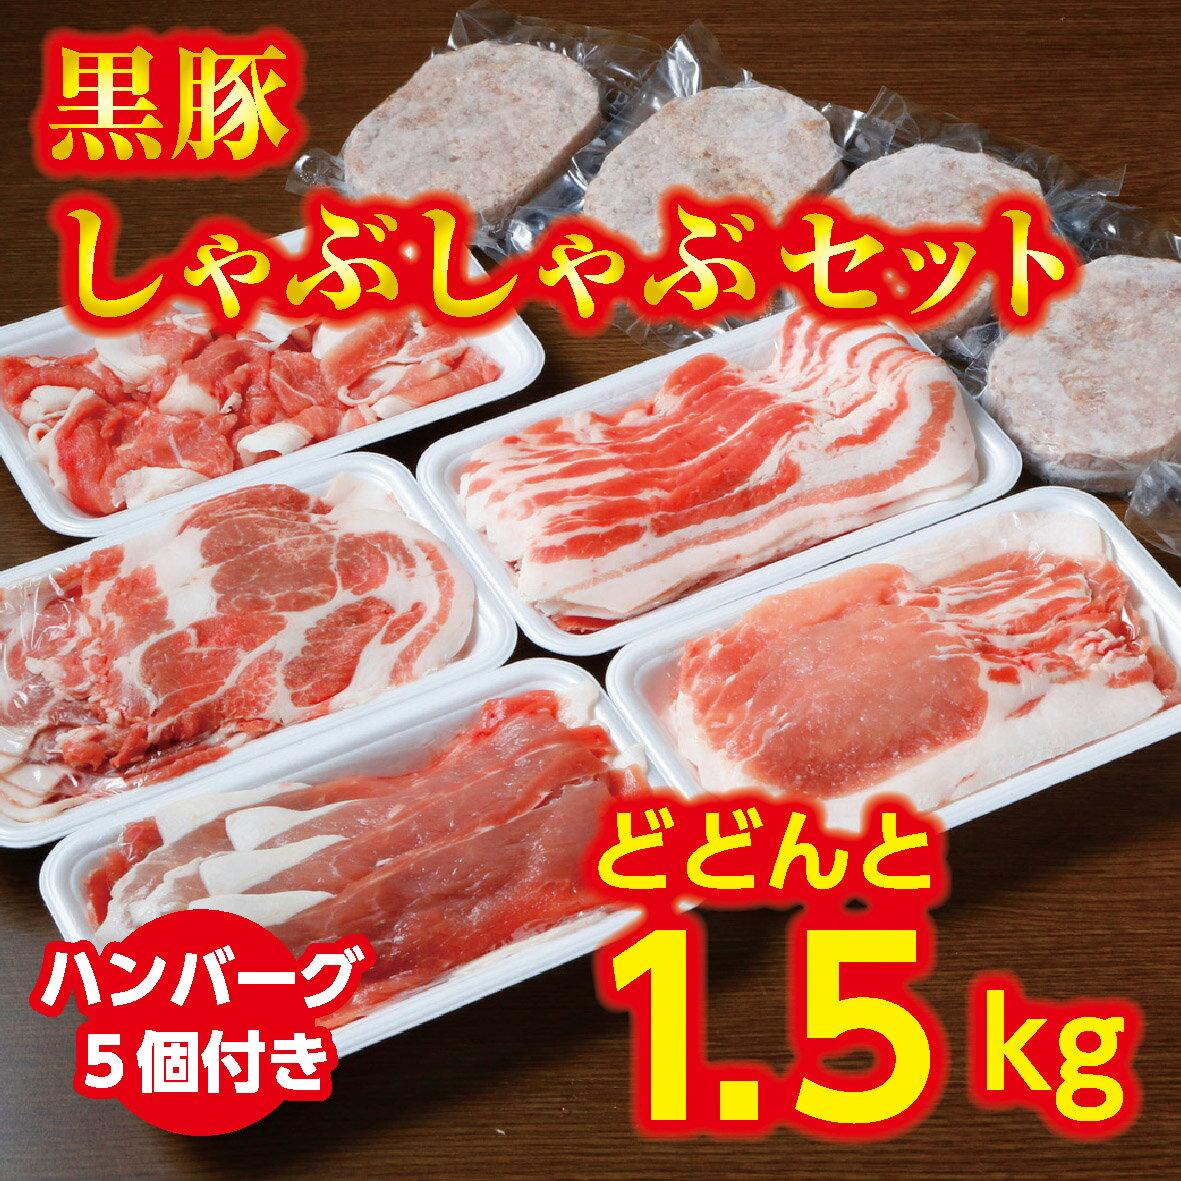 【ふるさと納税】A012-1 黒豚しゃぶしゃぶセットA